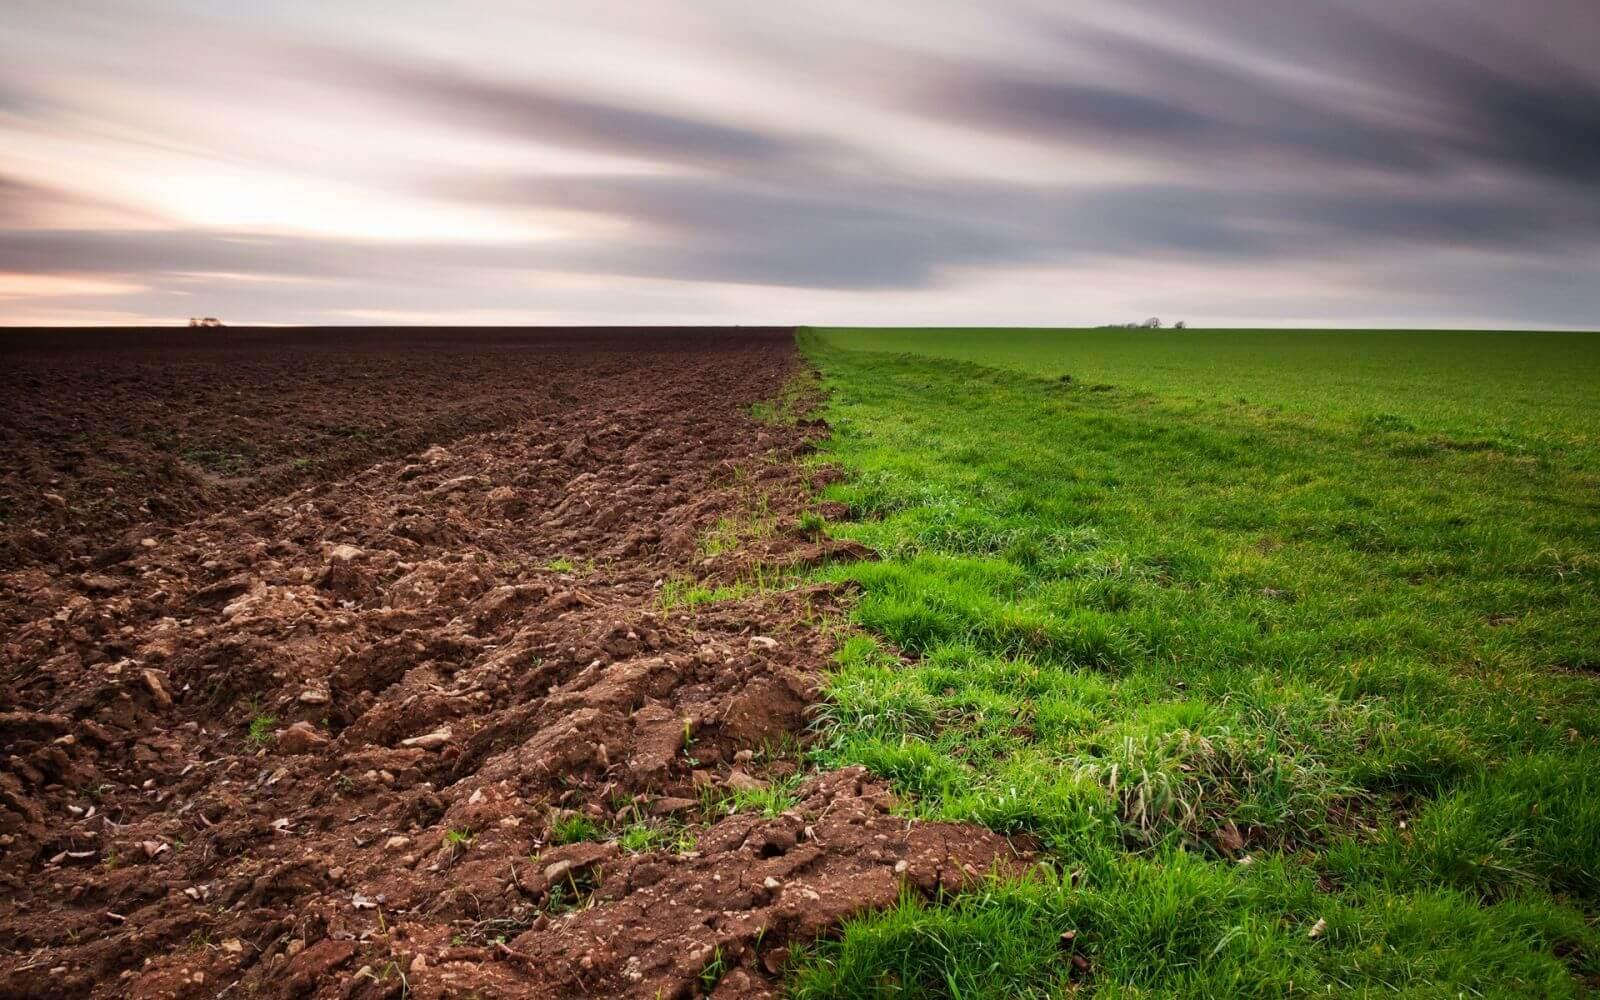 К чему снится земля во сне для женщины. Копать землю - сонник